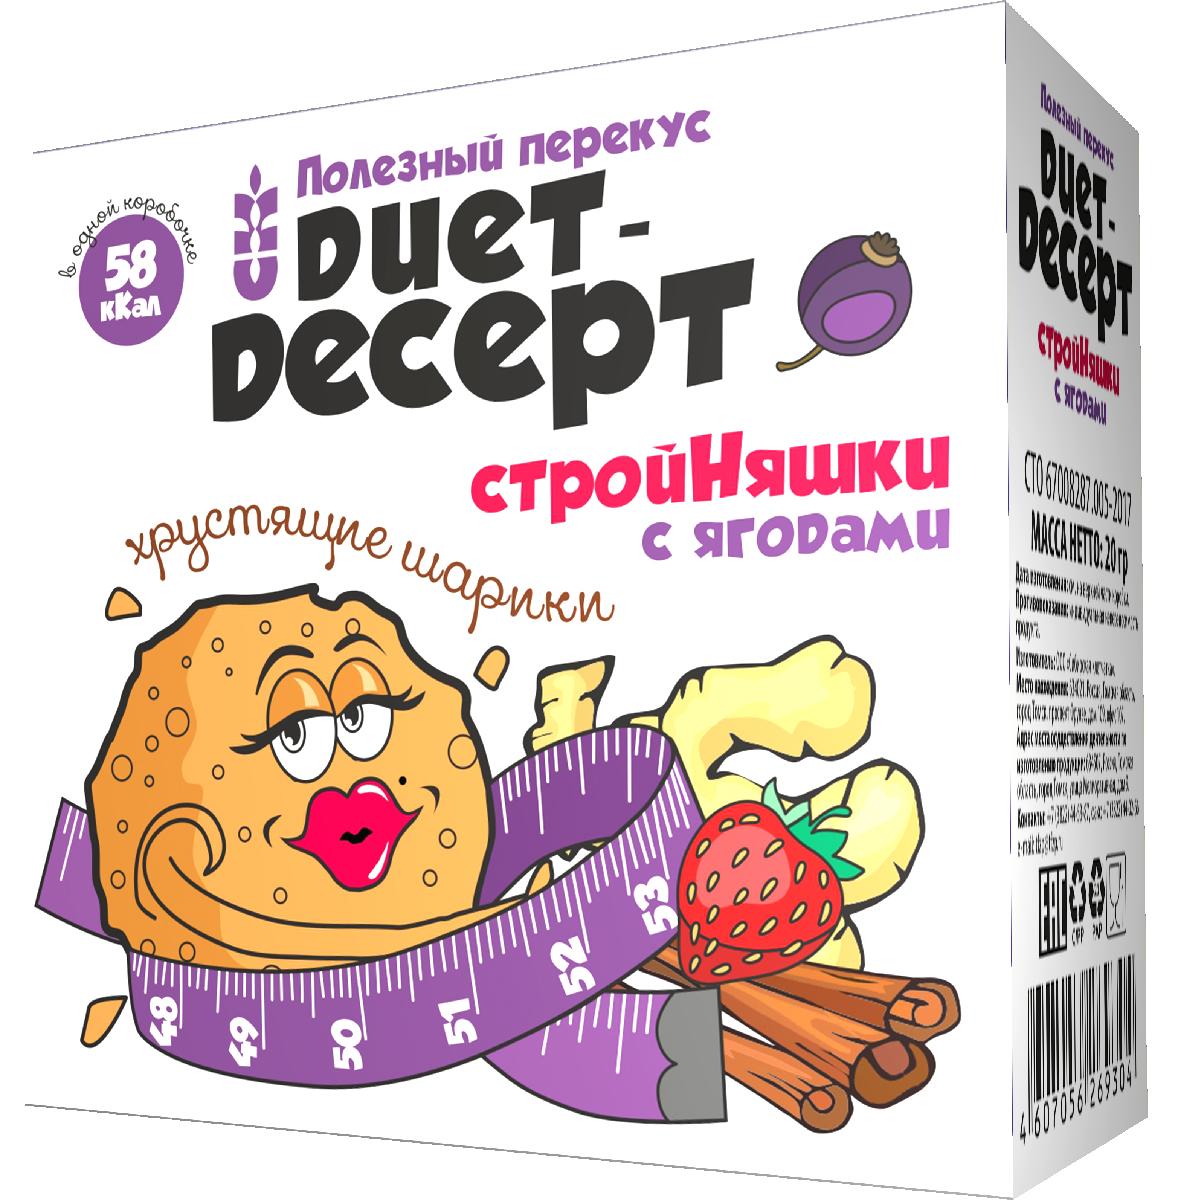 Сибирские снеки Duet-десерт СтройНяшки с ягодами, 20 г